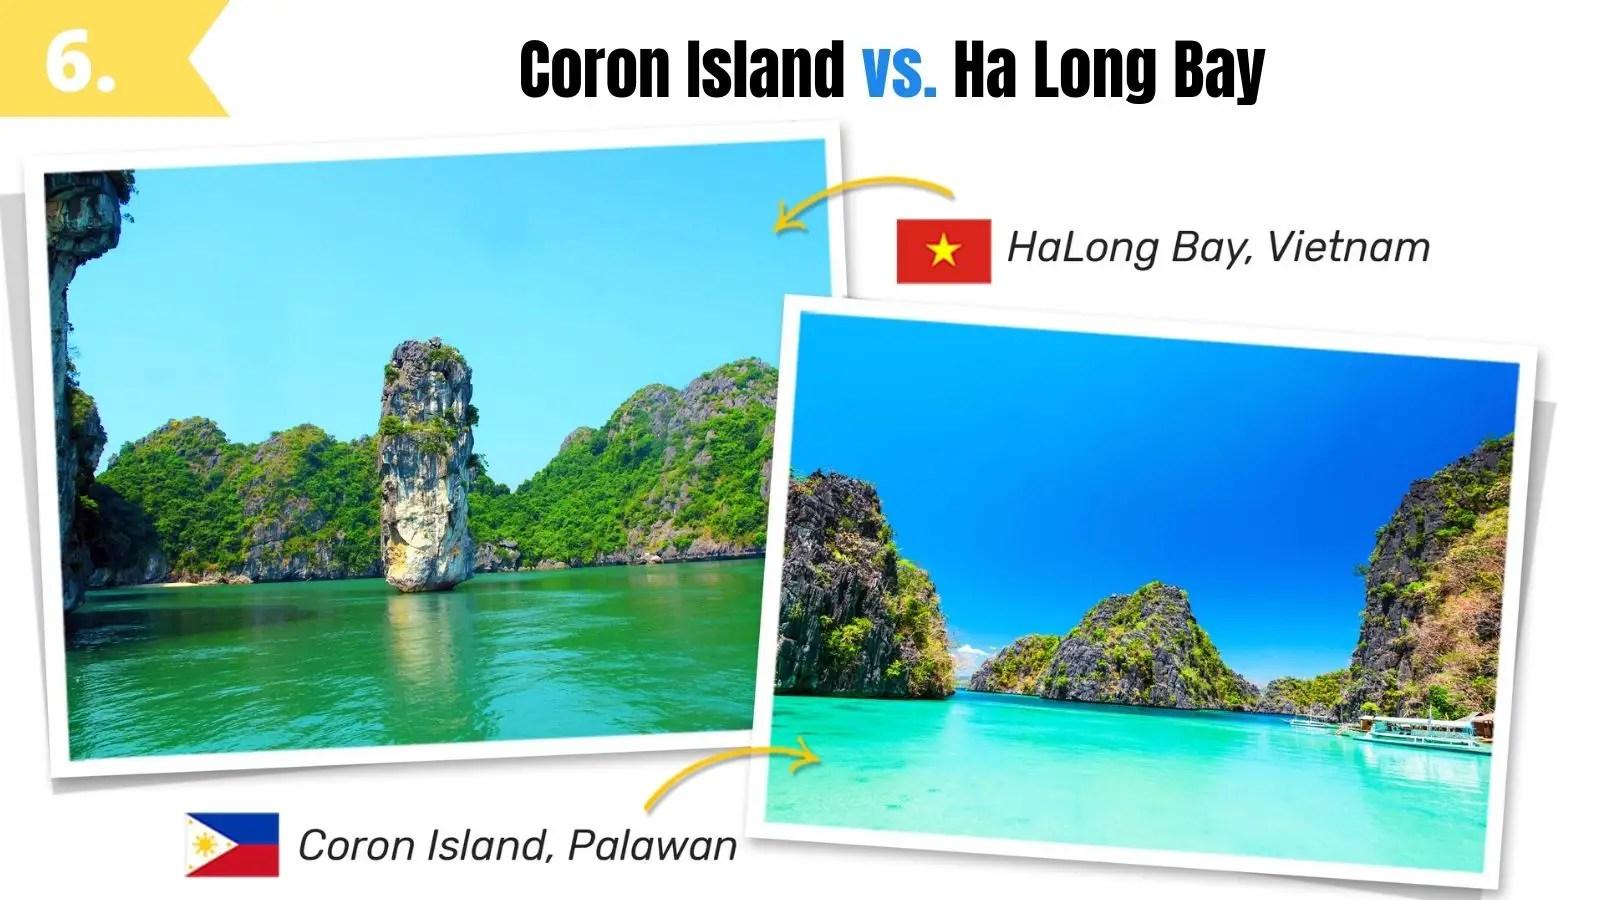 coron island palawan vs ha long bay vietnam